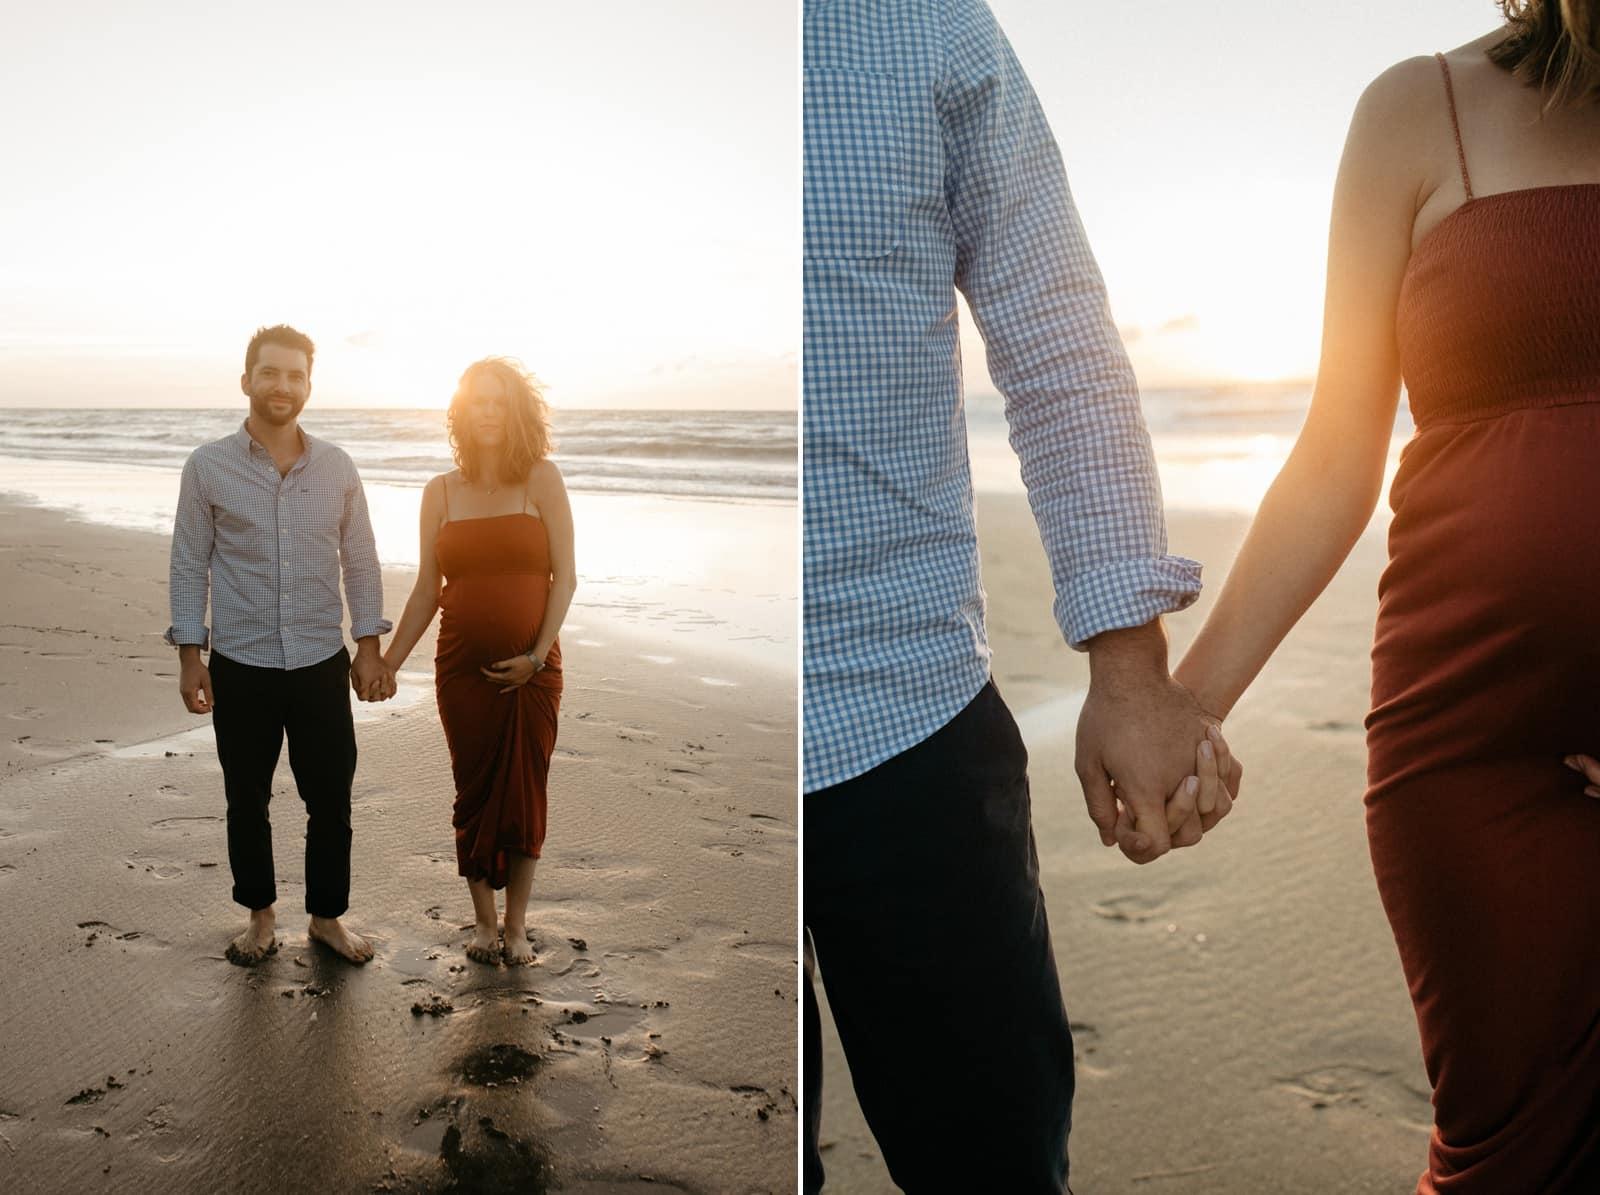 séance photo famille plage coucher de soleil calvados